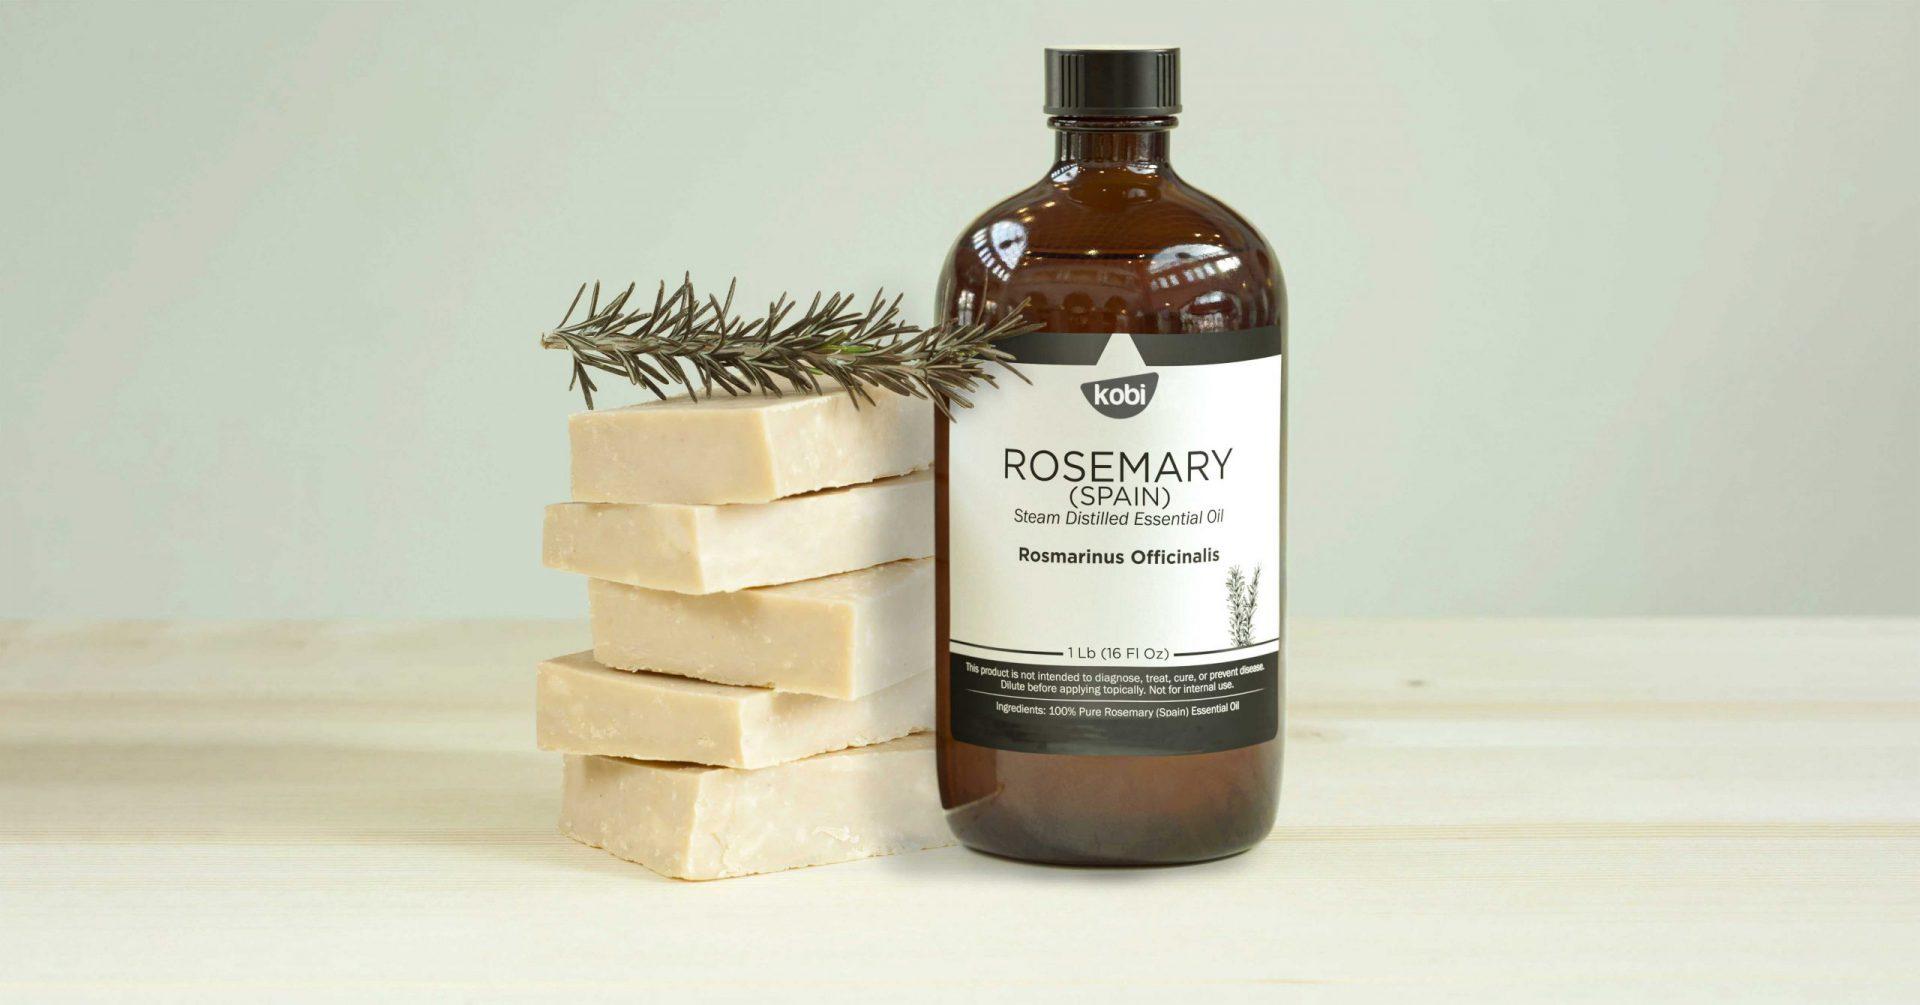 Dùng tinh dầu hương thảo làm xà phòng tự nhiên